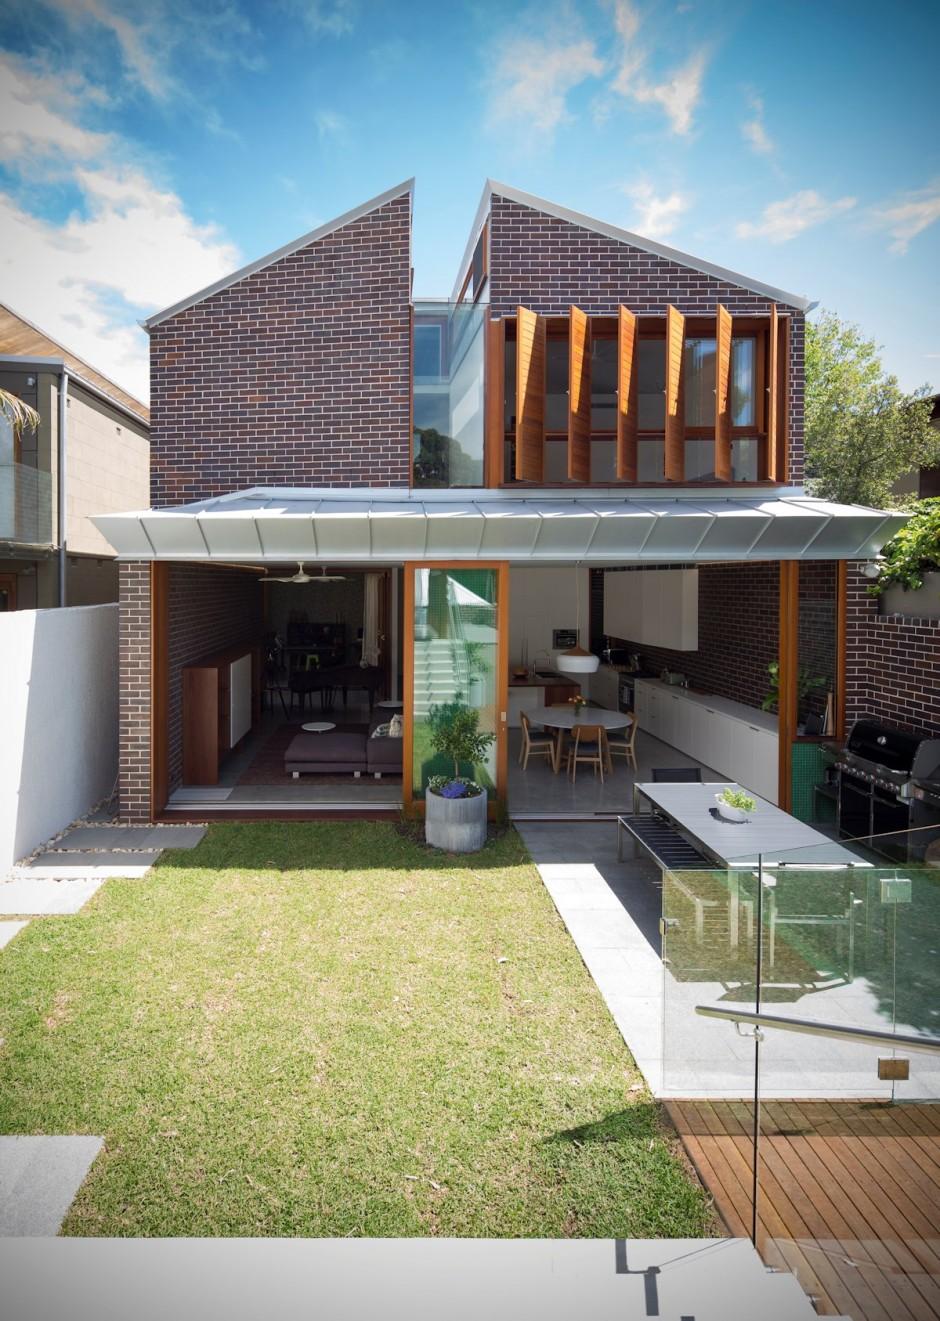 Dise o de casa moderna de dos pisos en terreno largo - Disenos de casas ...